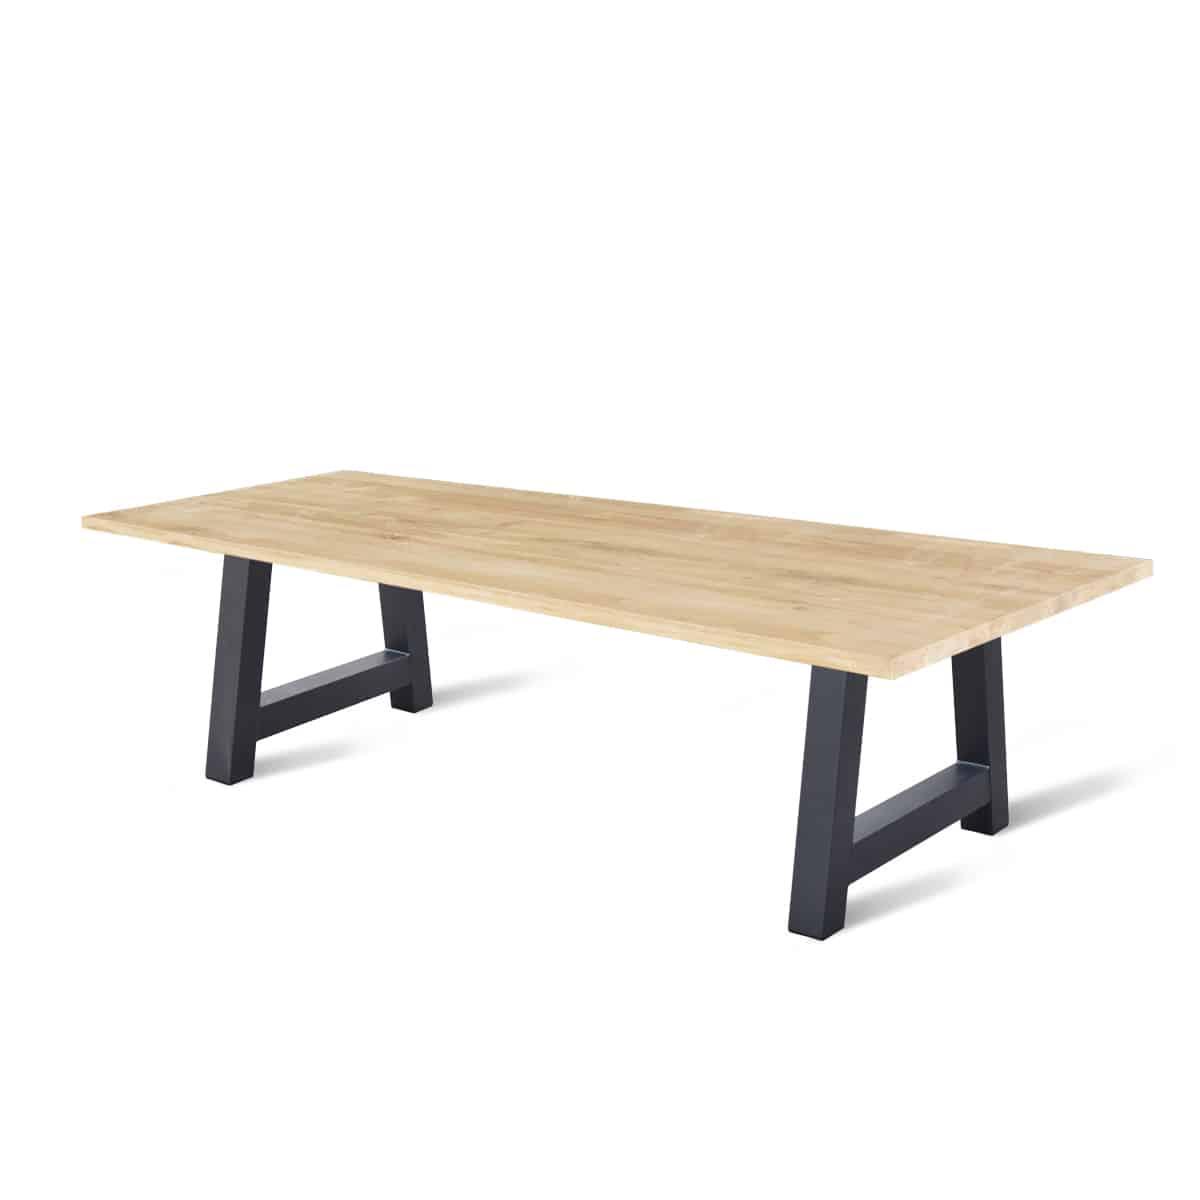 massief ovale eiken houten industriele tafel eetkamer keuken meubelmaker friesland